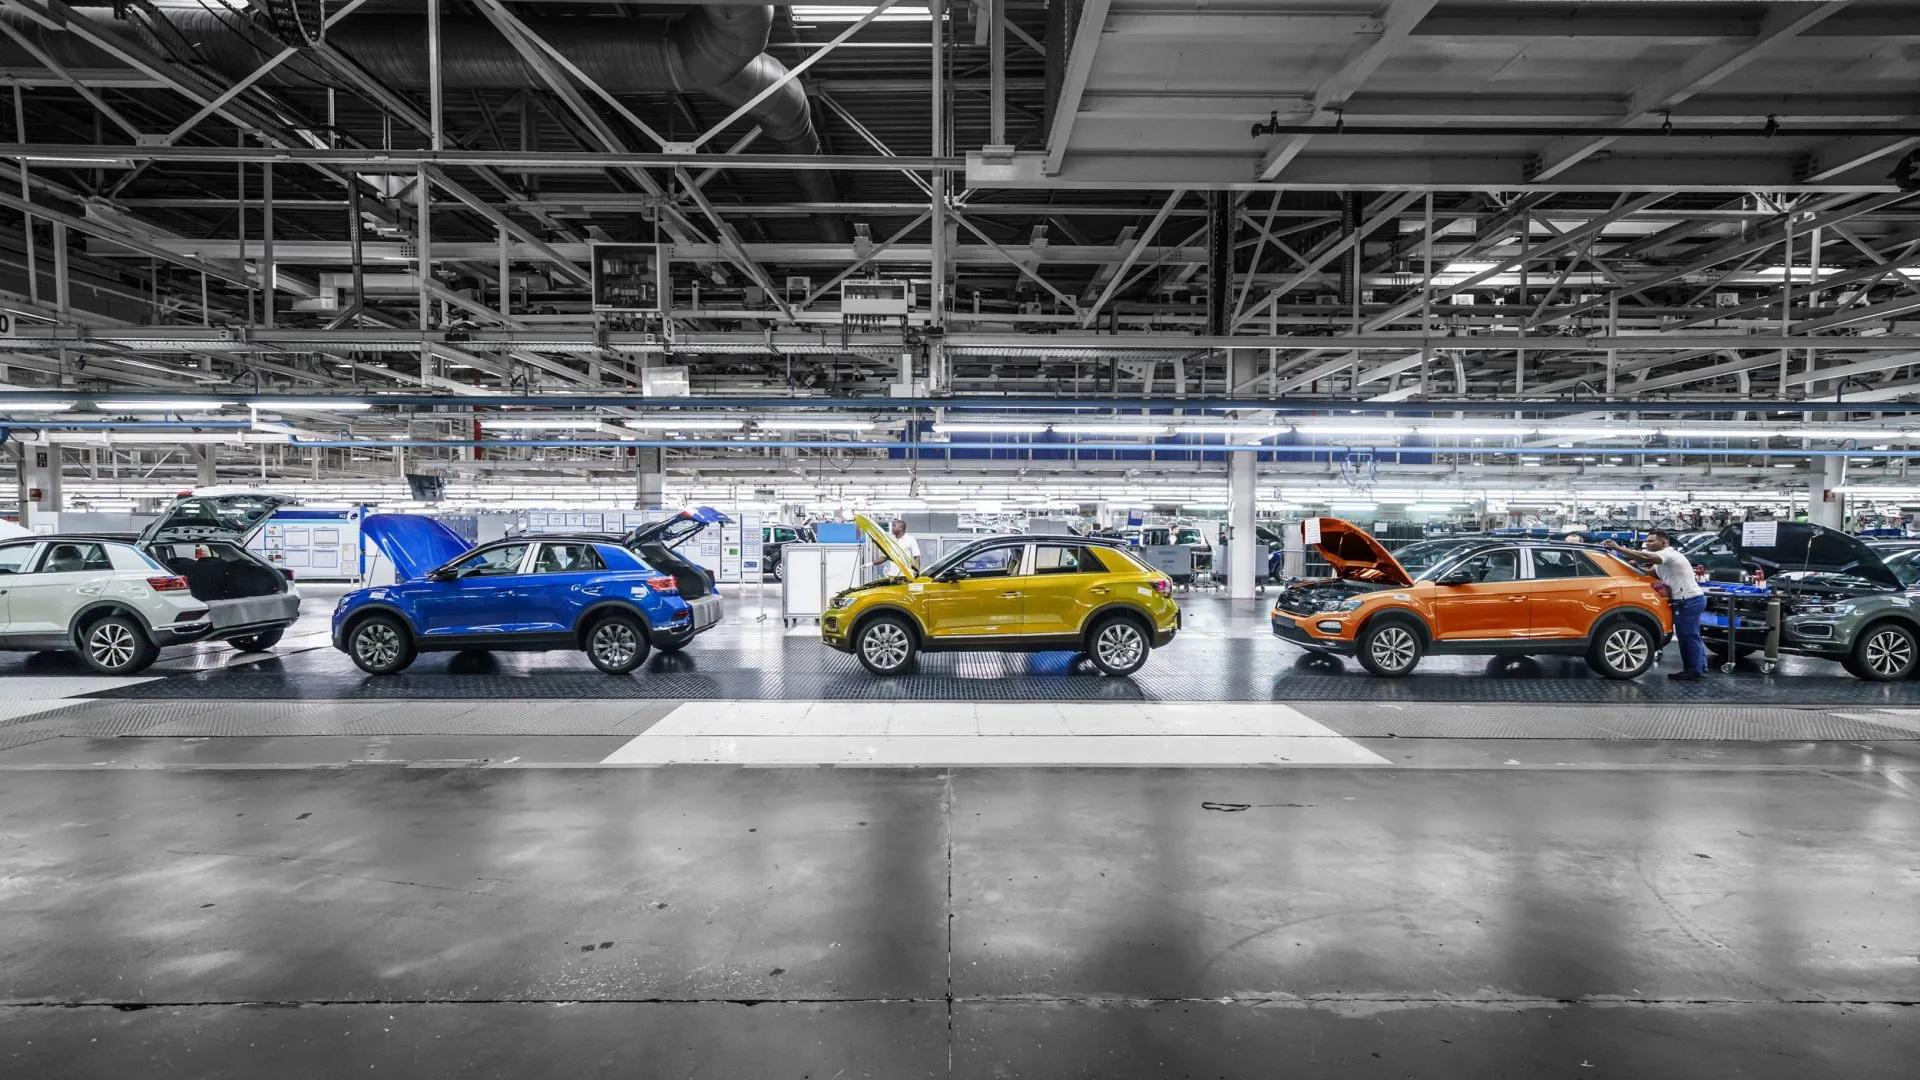 VW Autoeuropa